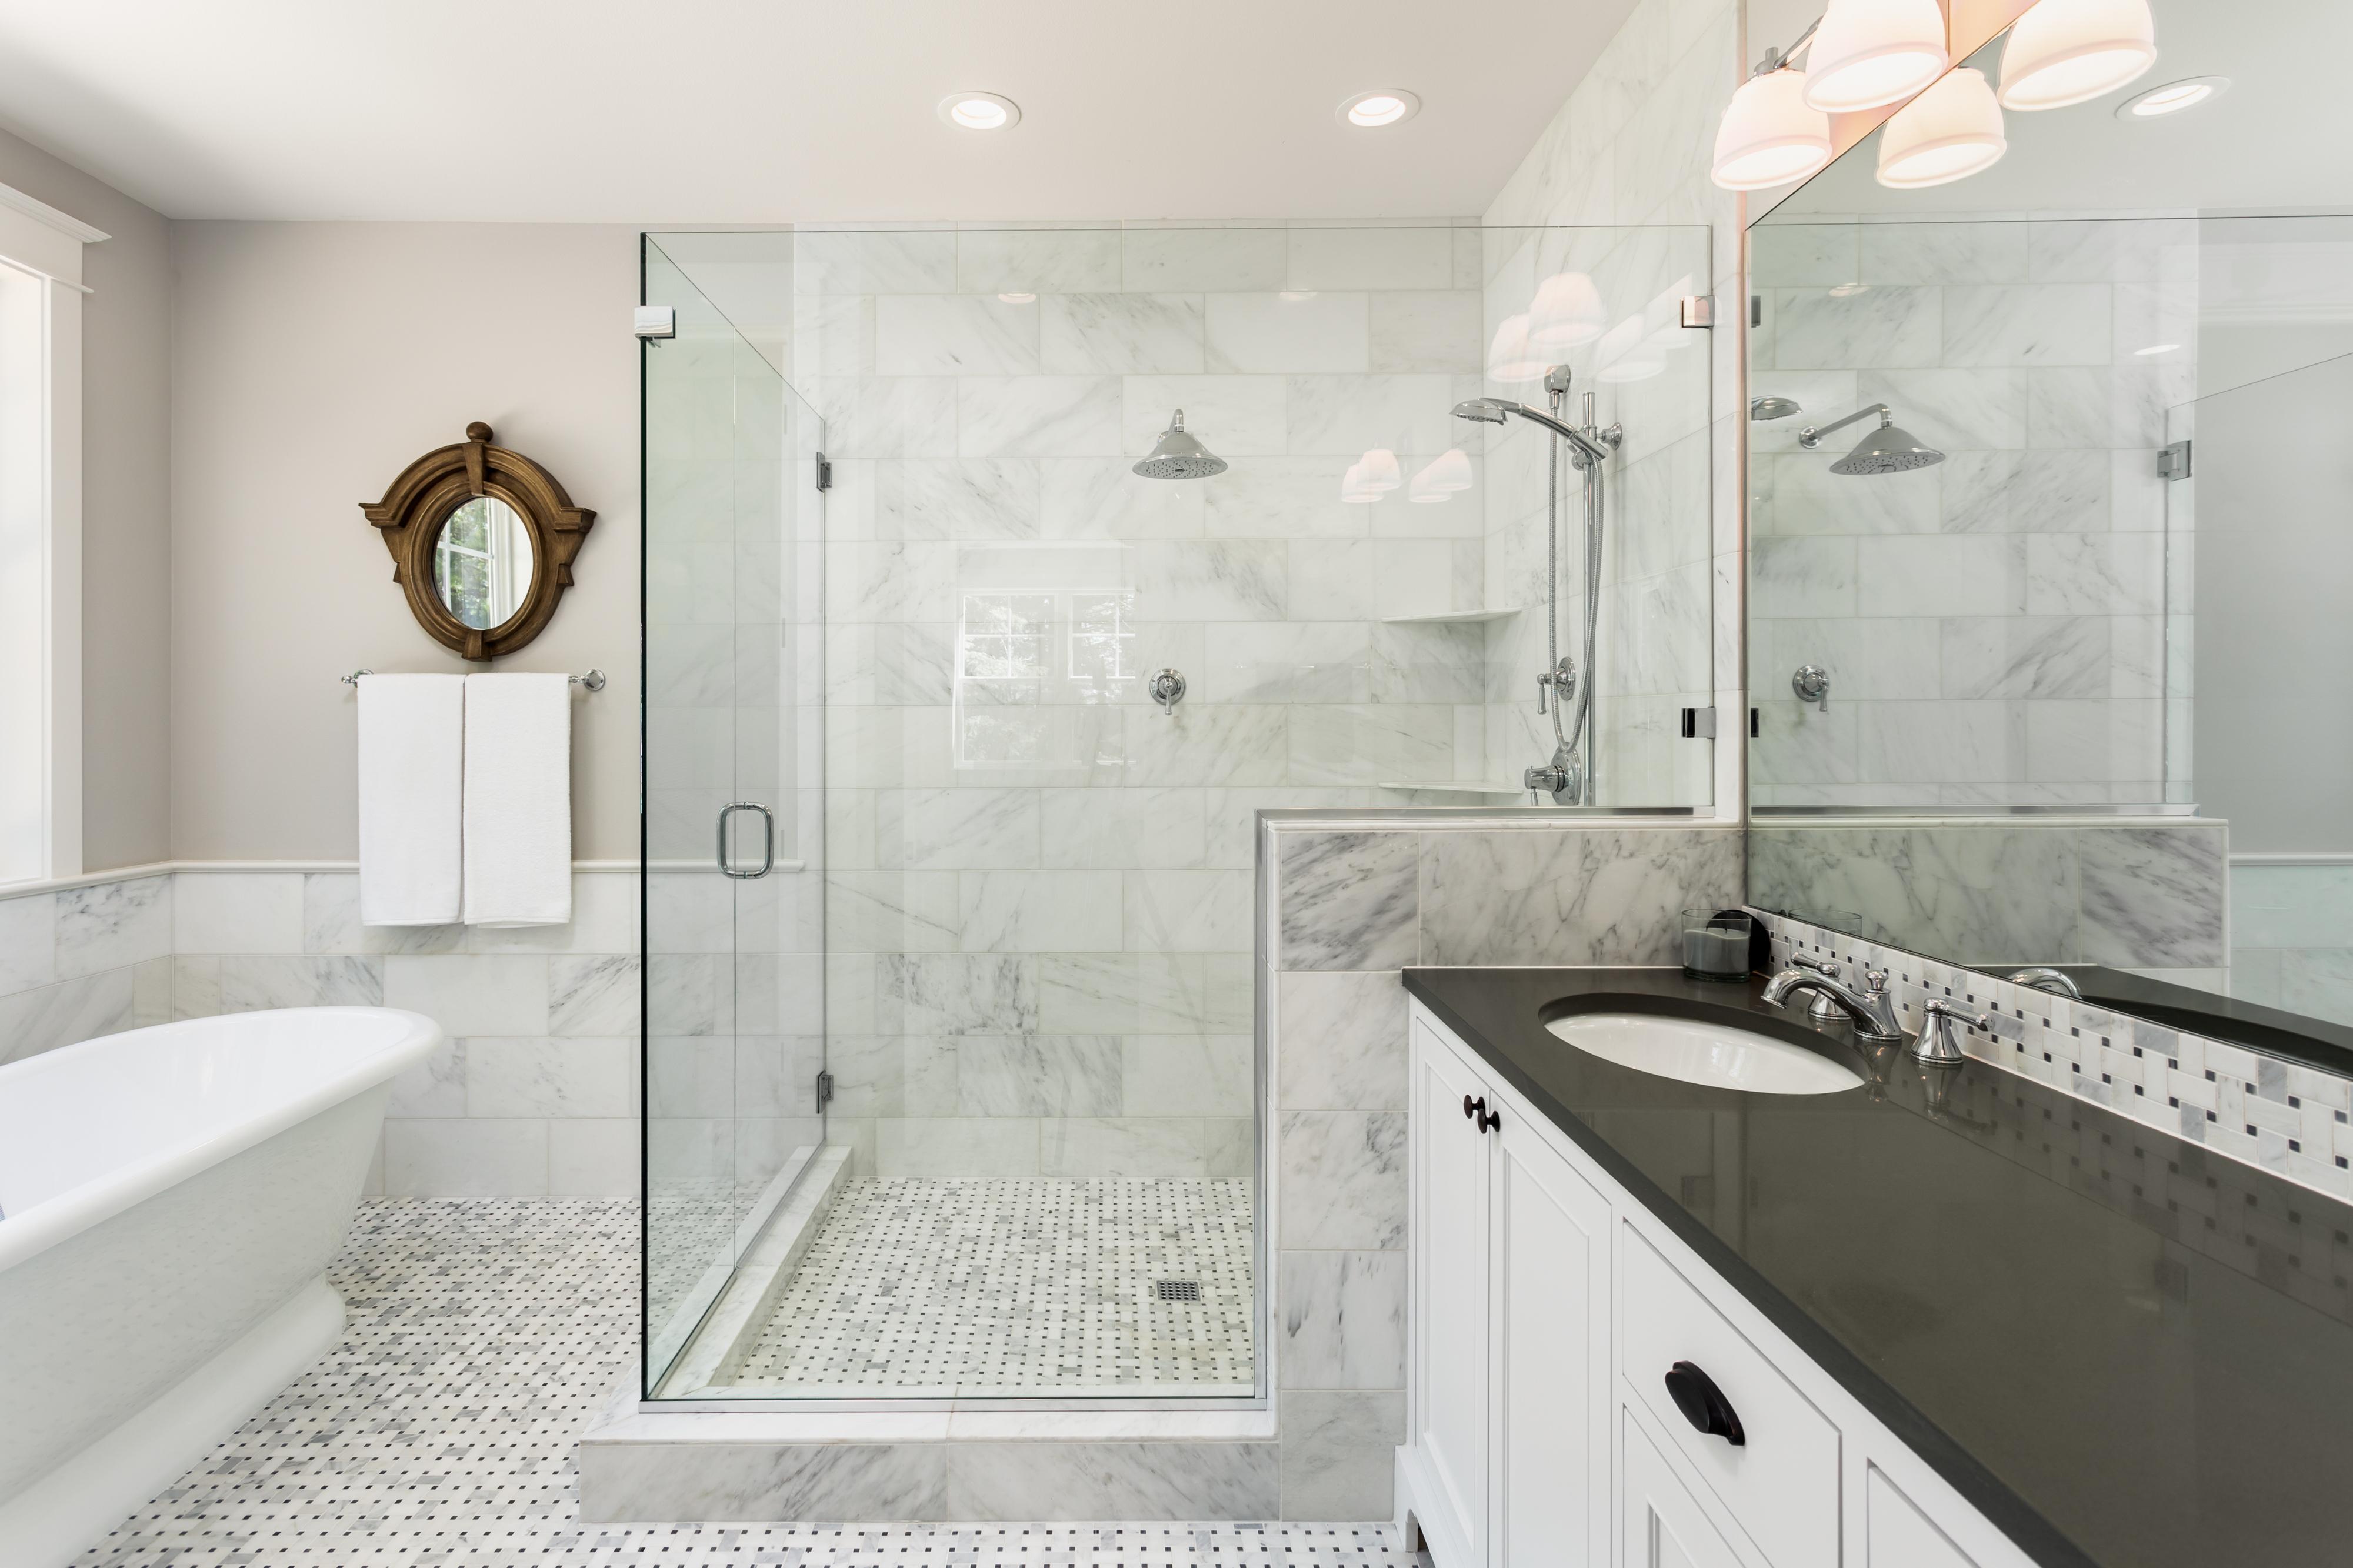 Shower Doors & Glass Enclosures